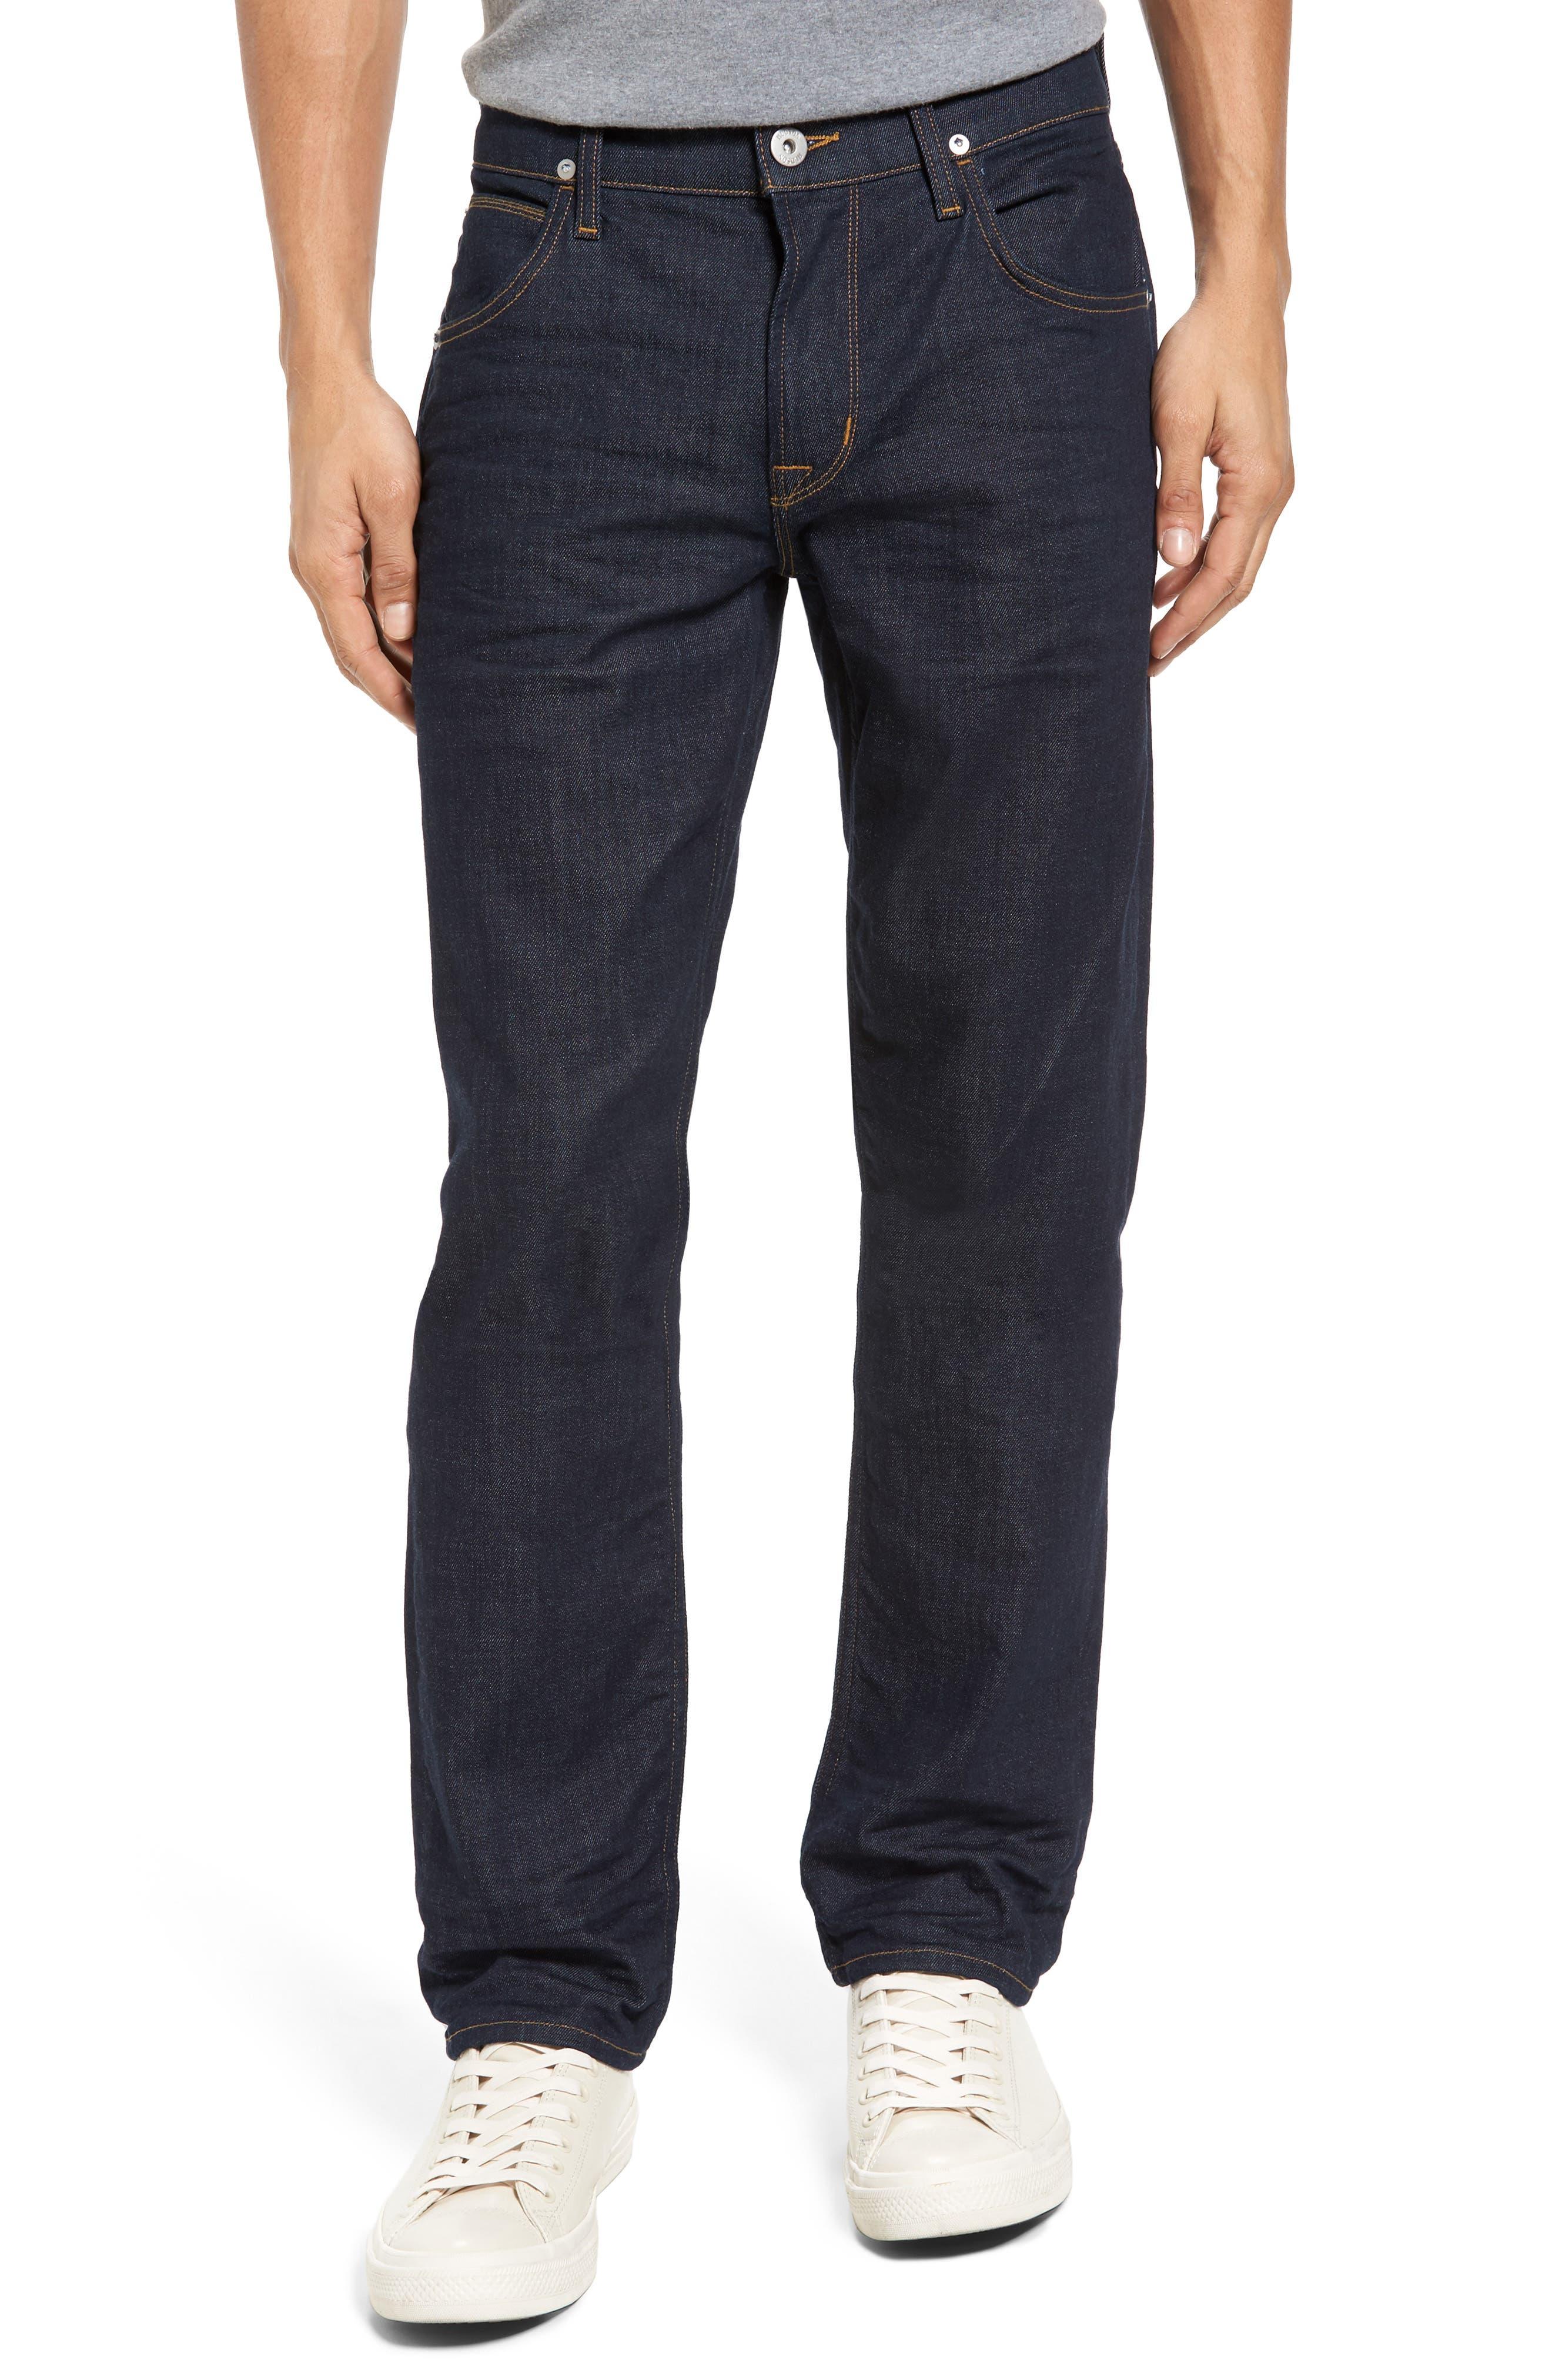 Blake Slim Fit Jeans,                         Main,                         color, 410